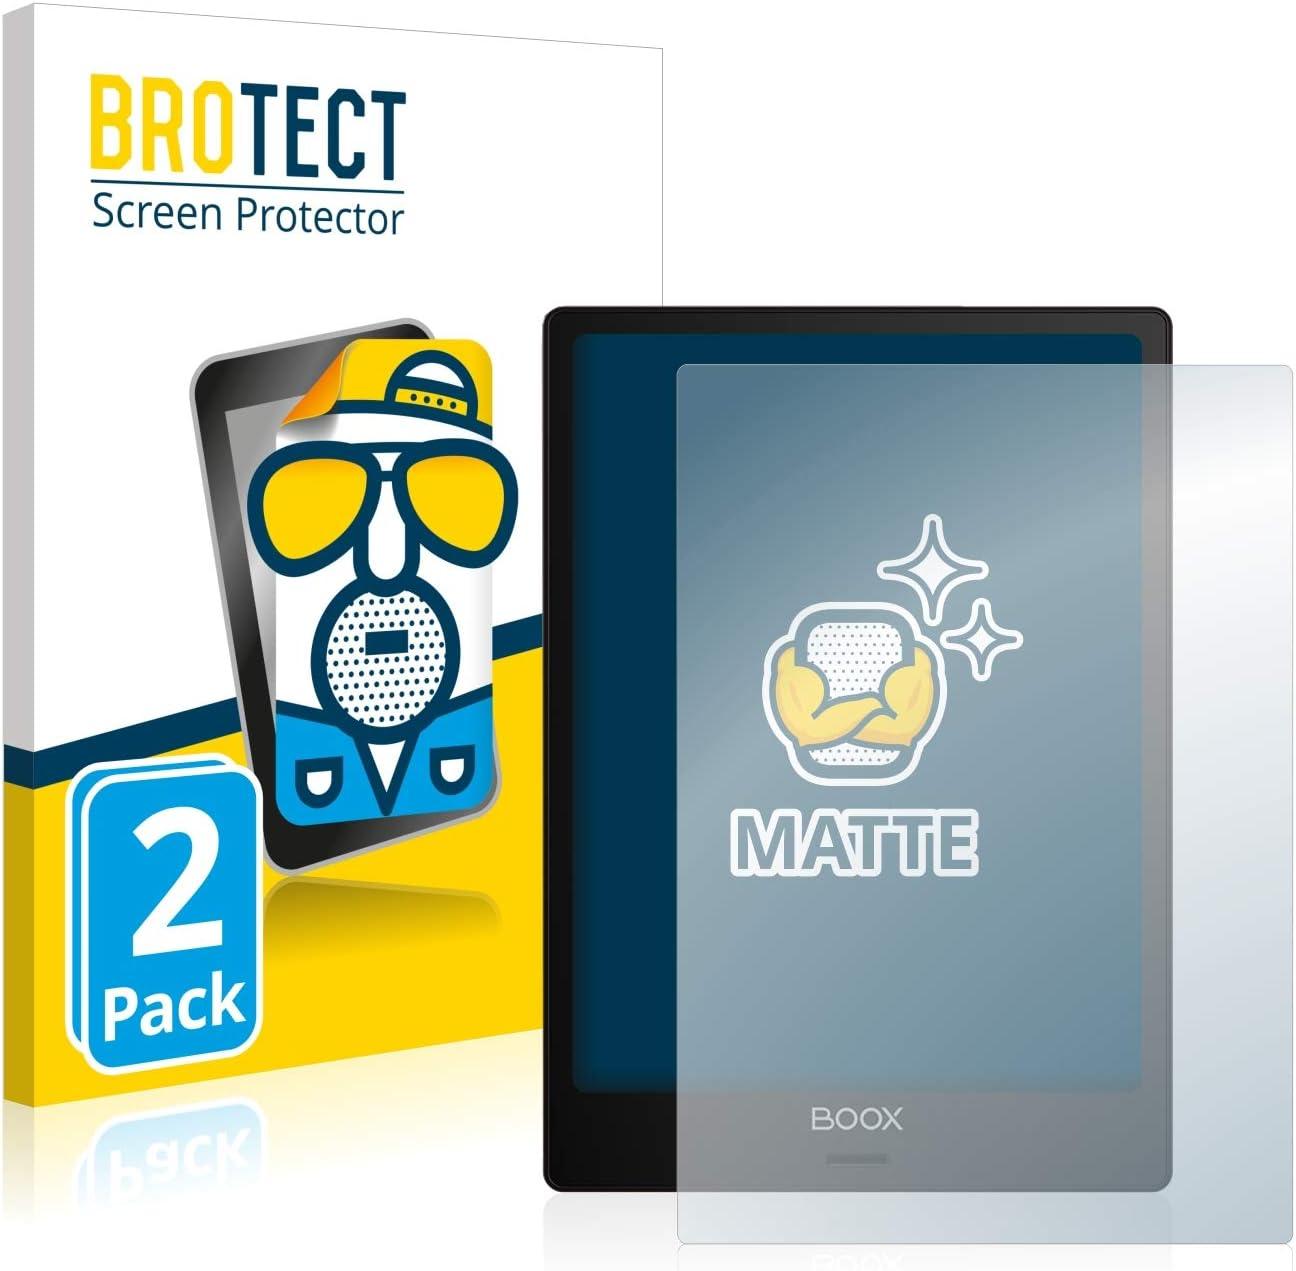 - Film Protection Ecran Mat brotect Protection Ecran Anti-Reflet Compatible avec Onyx Boox Note 10.3 2 Pi/èces